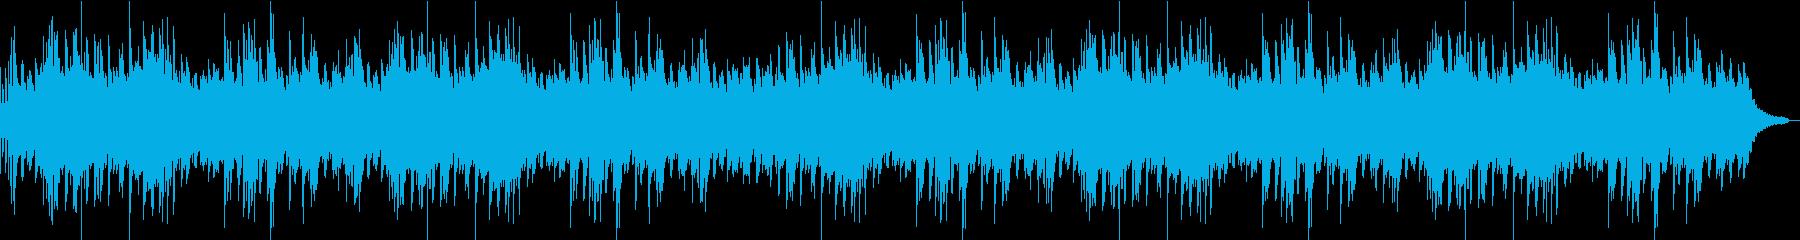 明るく前向きなメロディーのピアノソロの再生済みの波形